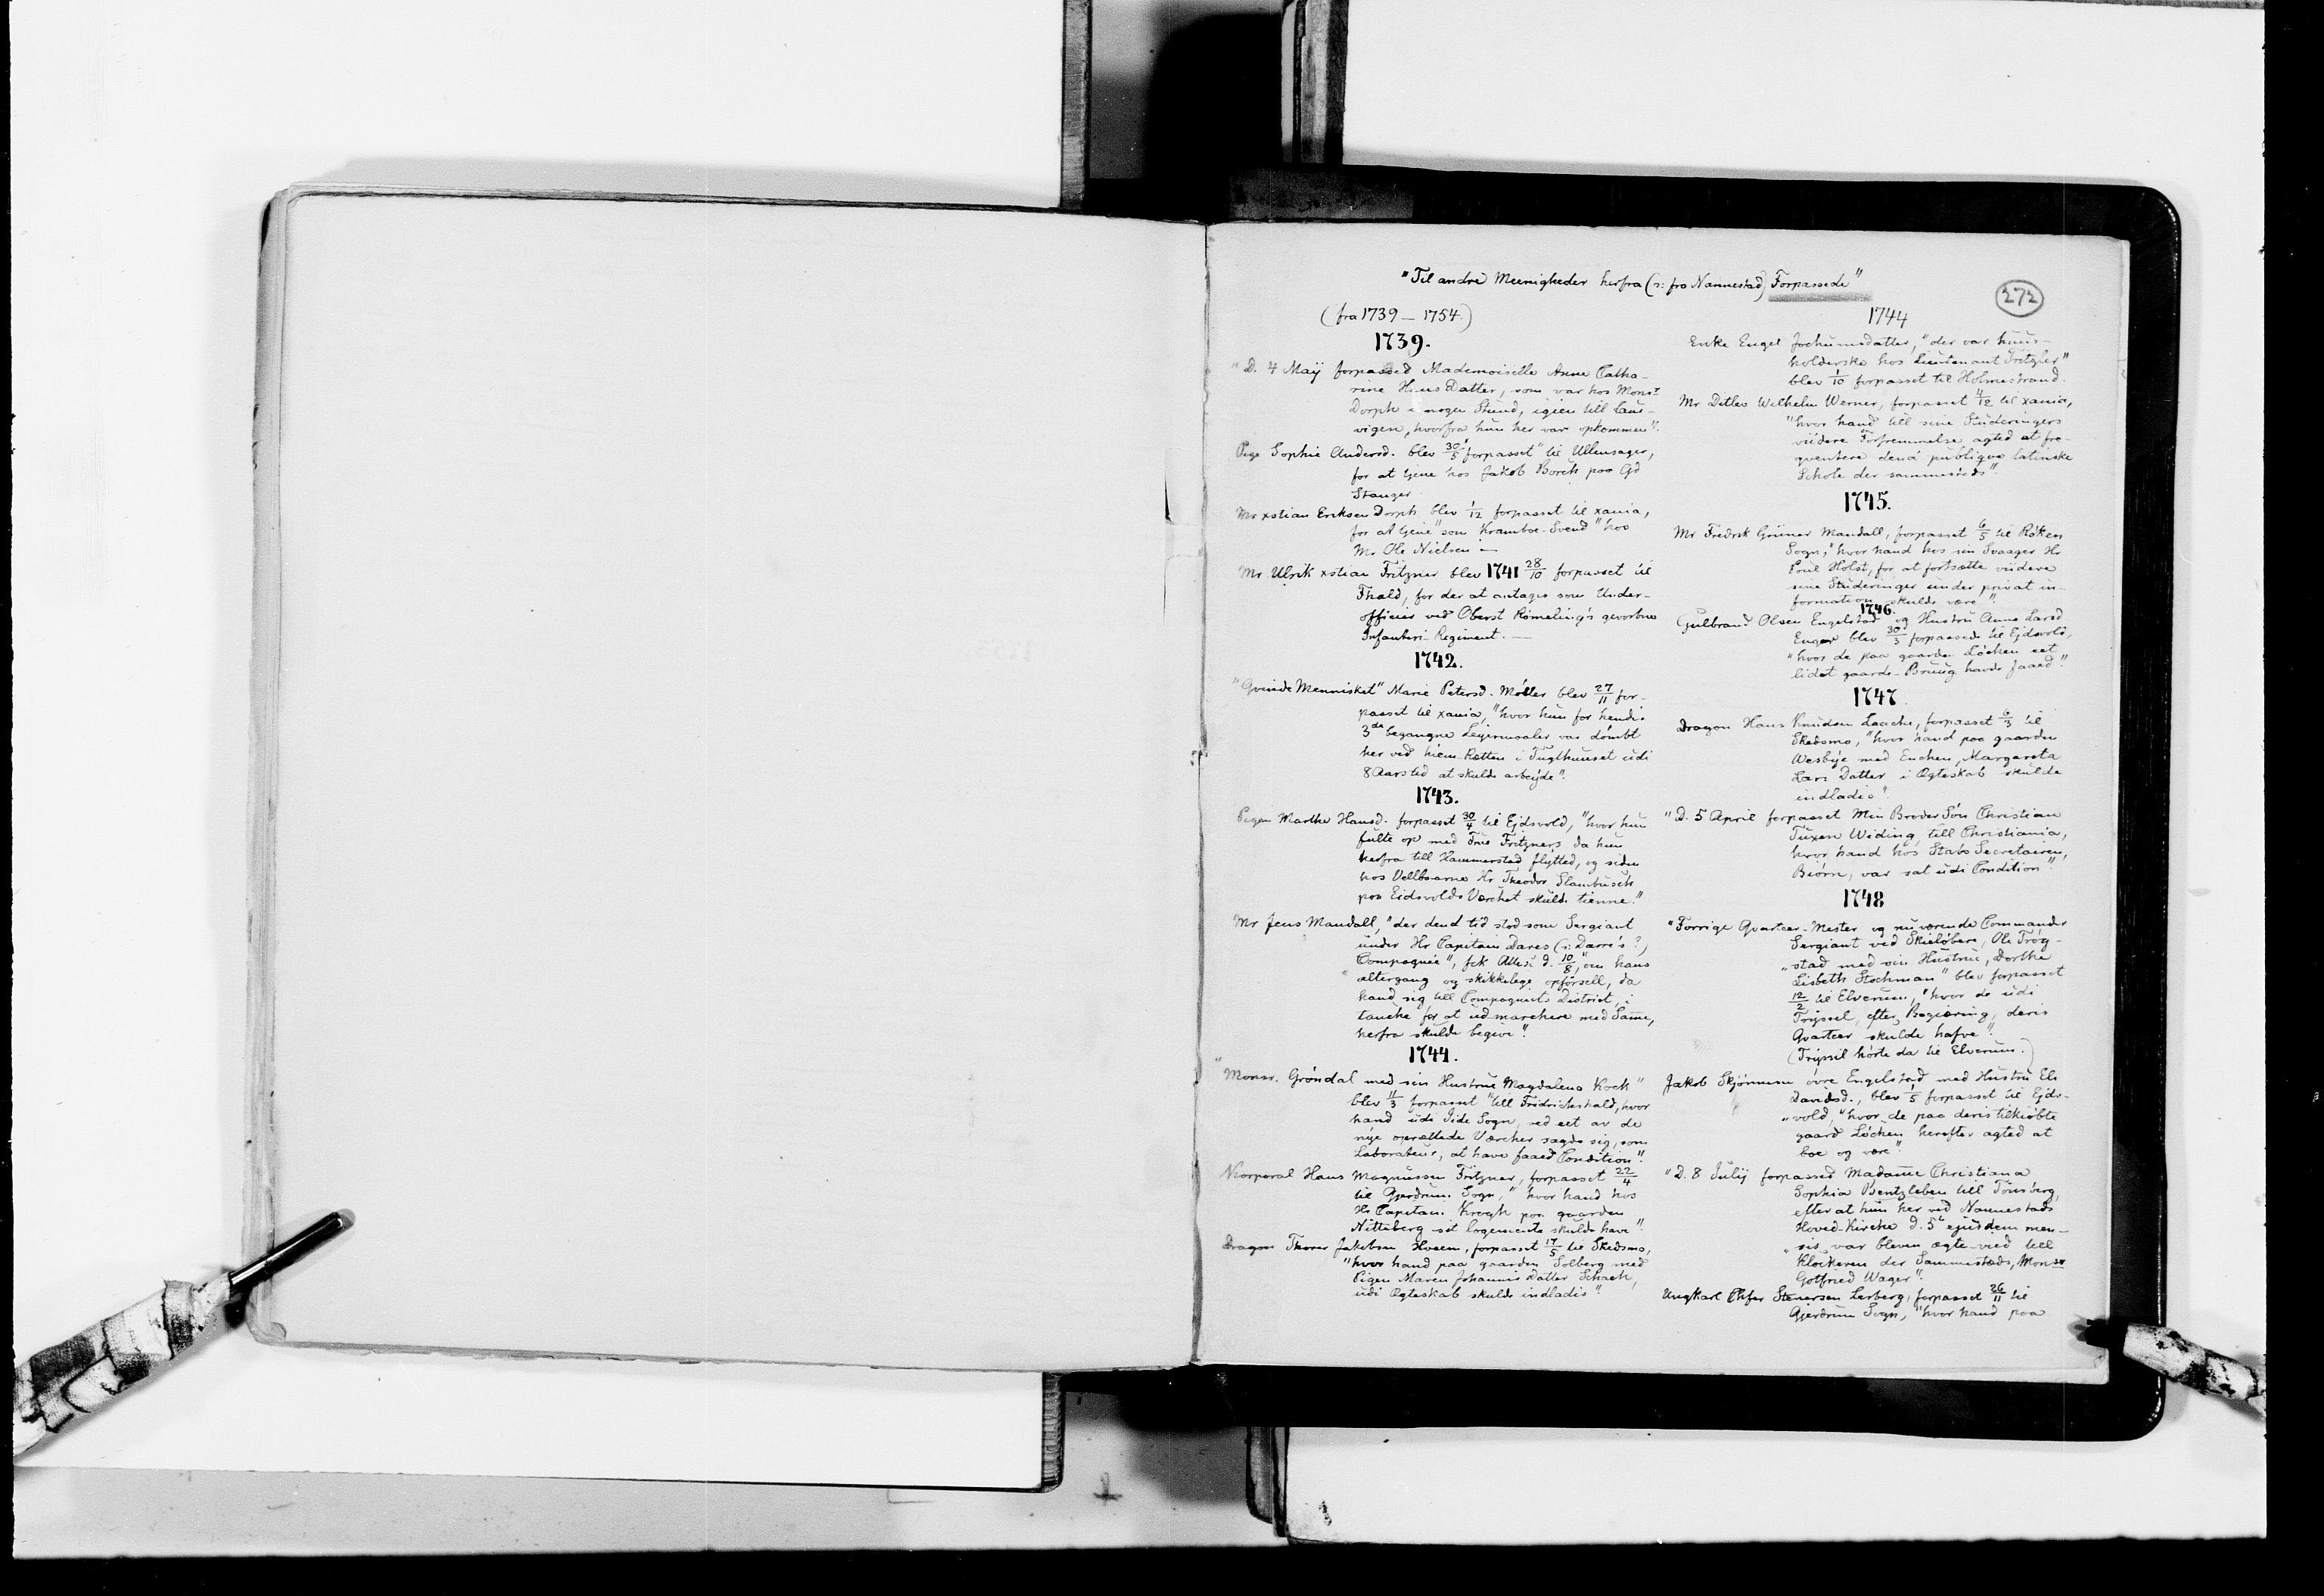 RA, Lassens samlinger, F/Fc, s. 272